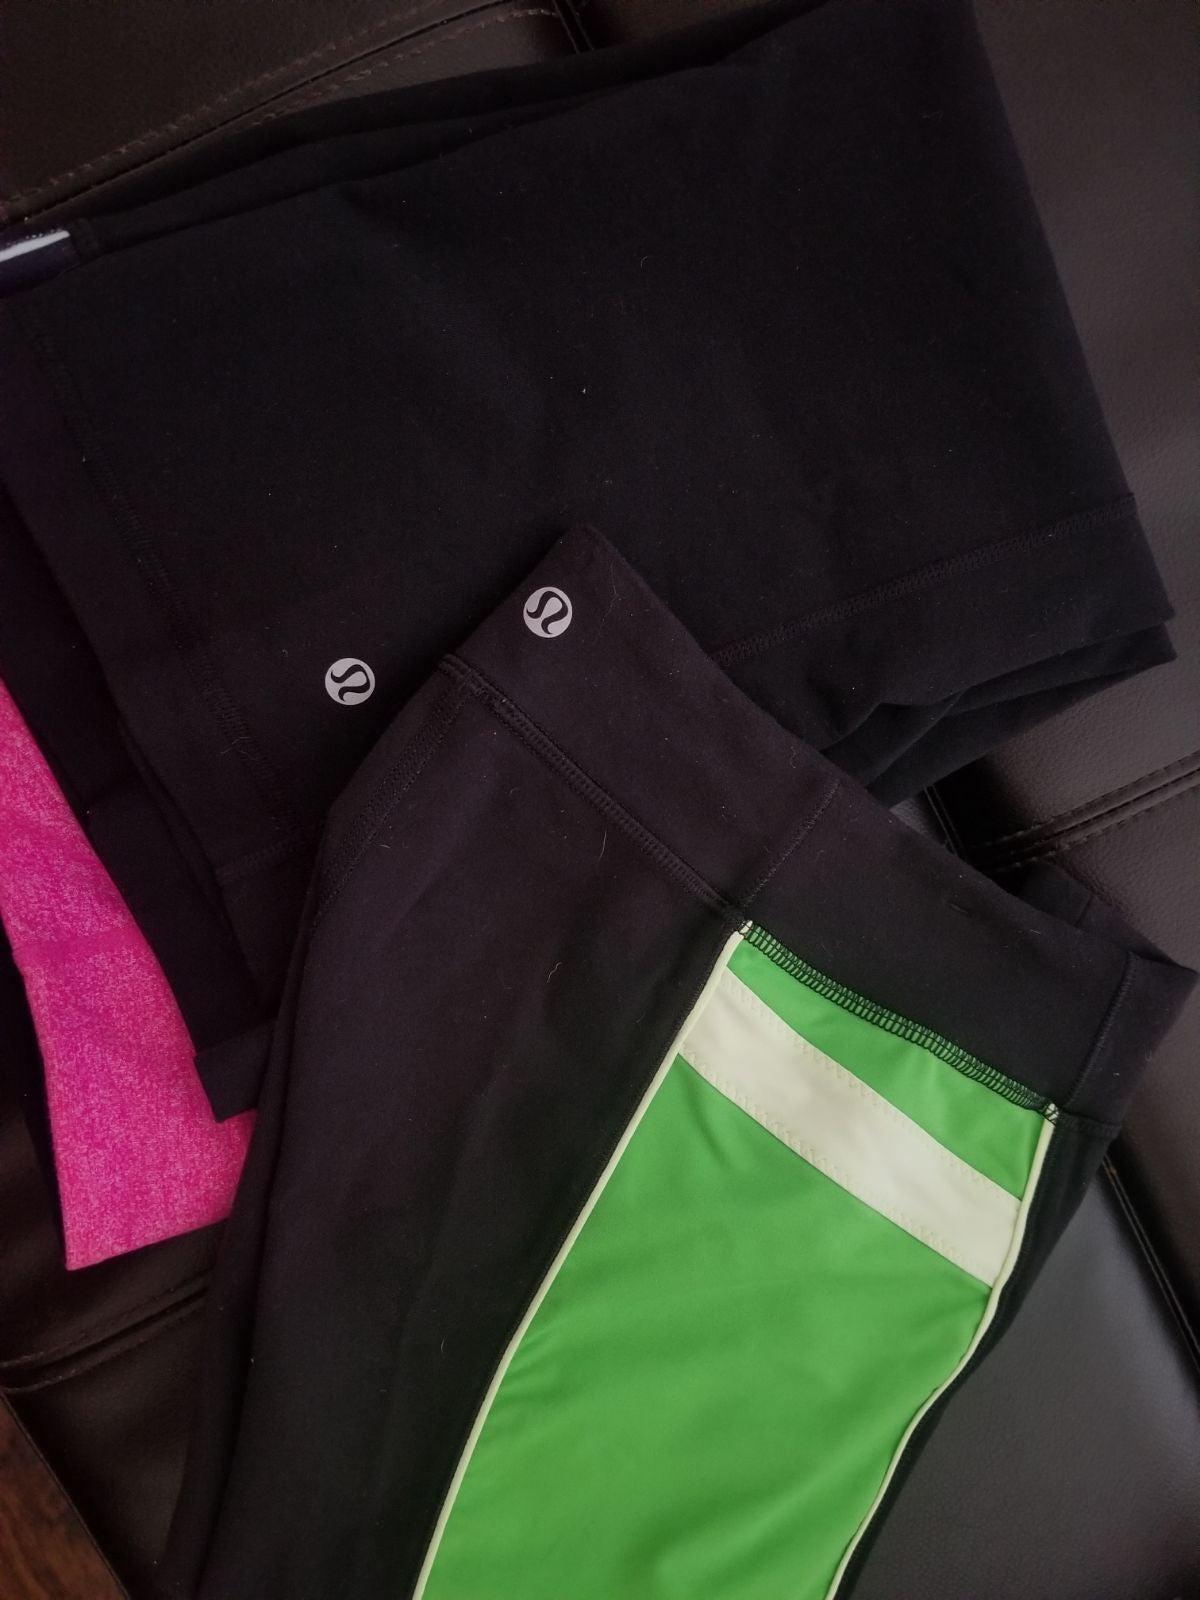 2 Lululemon cropped leggings size 4